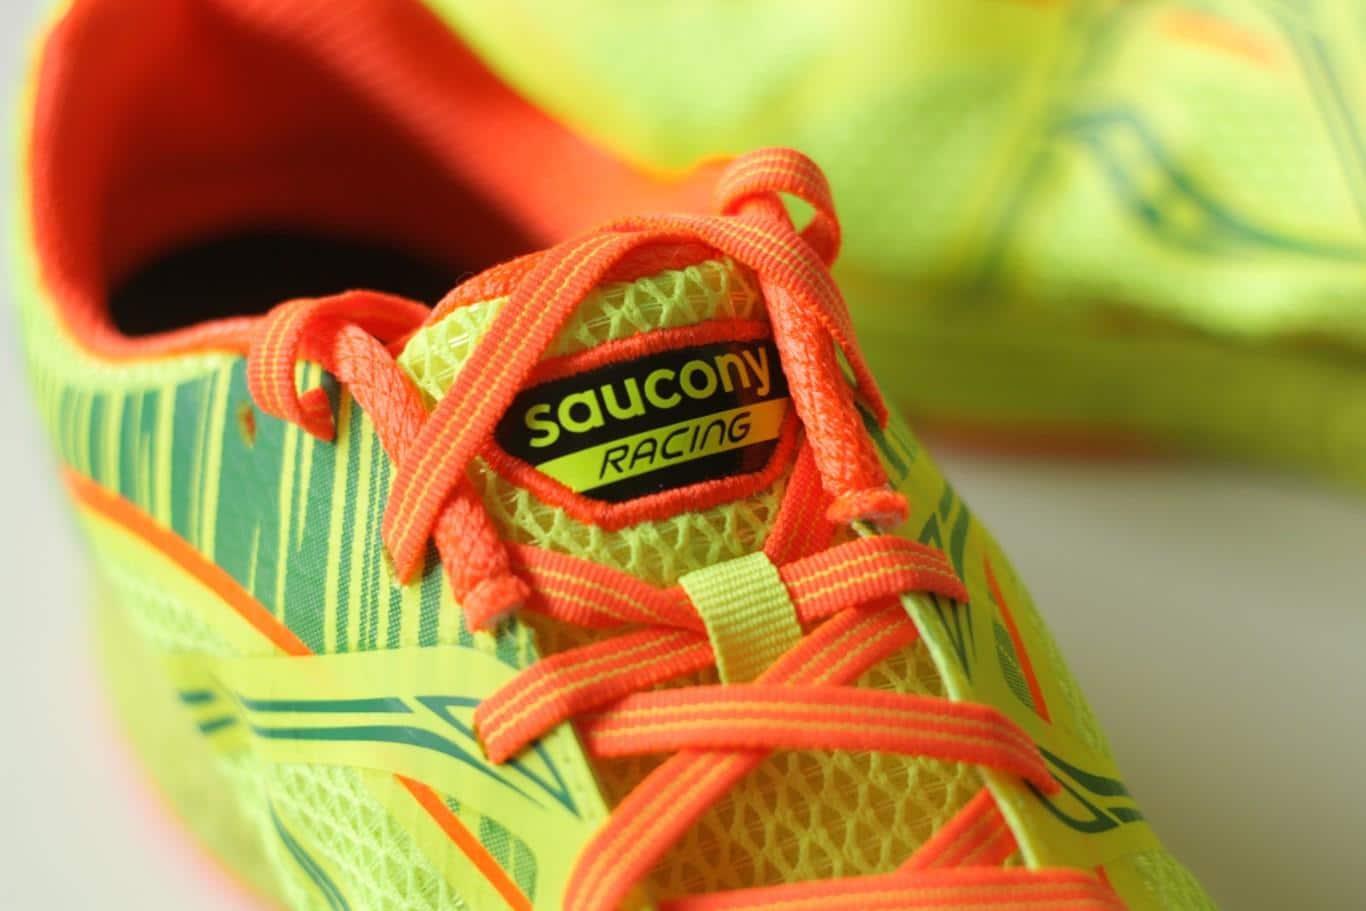 Saucony Racing